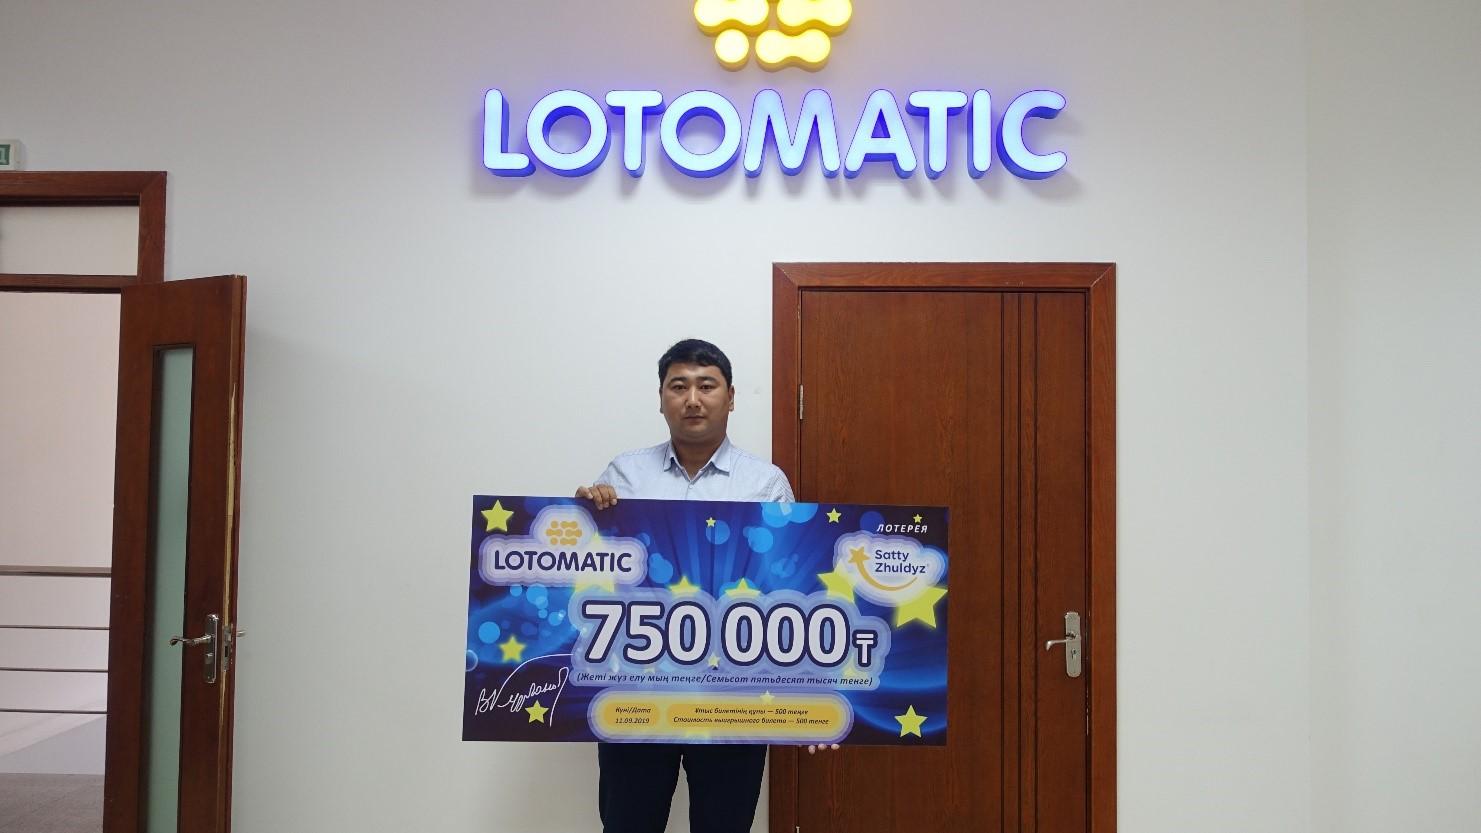 Новый крупный победитель моментальной электронной лотереи